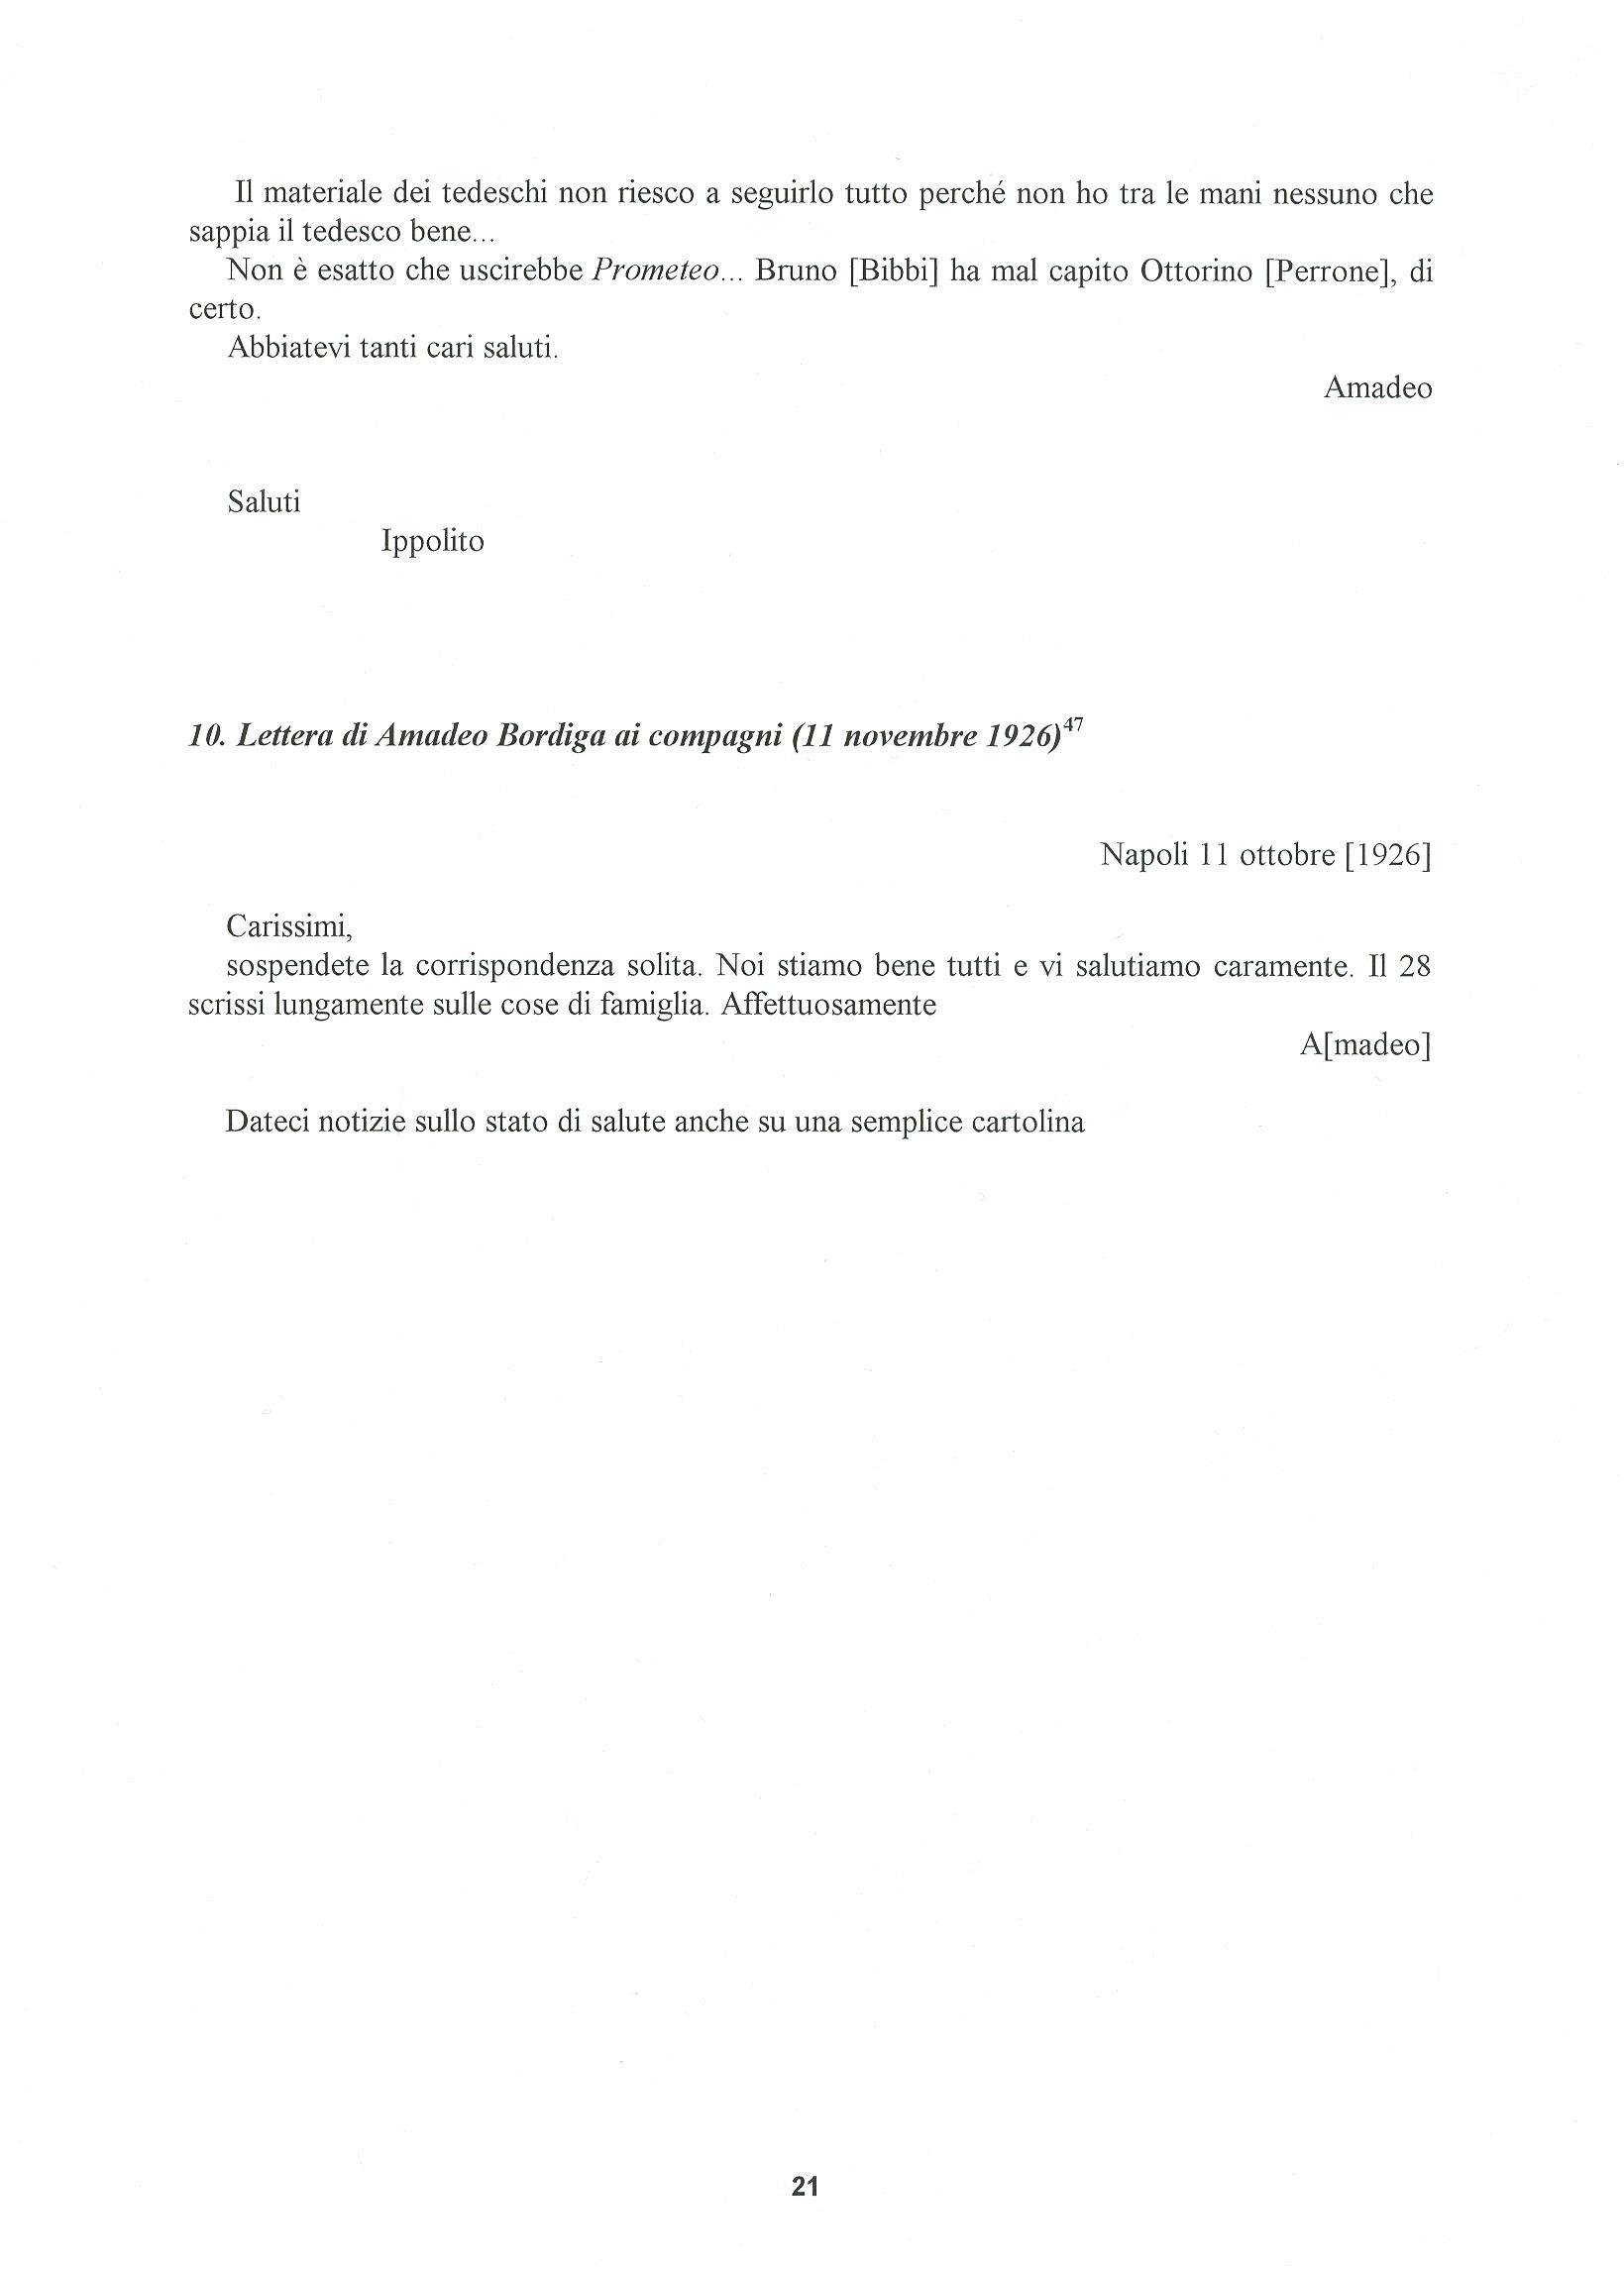 Quaderni del Centro Studi Pietro Tresso (1996-2009) n. 14 (novembre 1998) - pag. 22